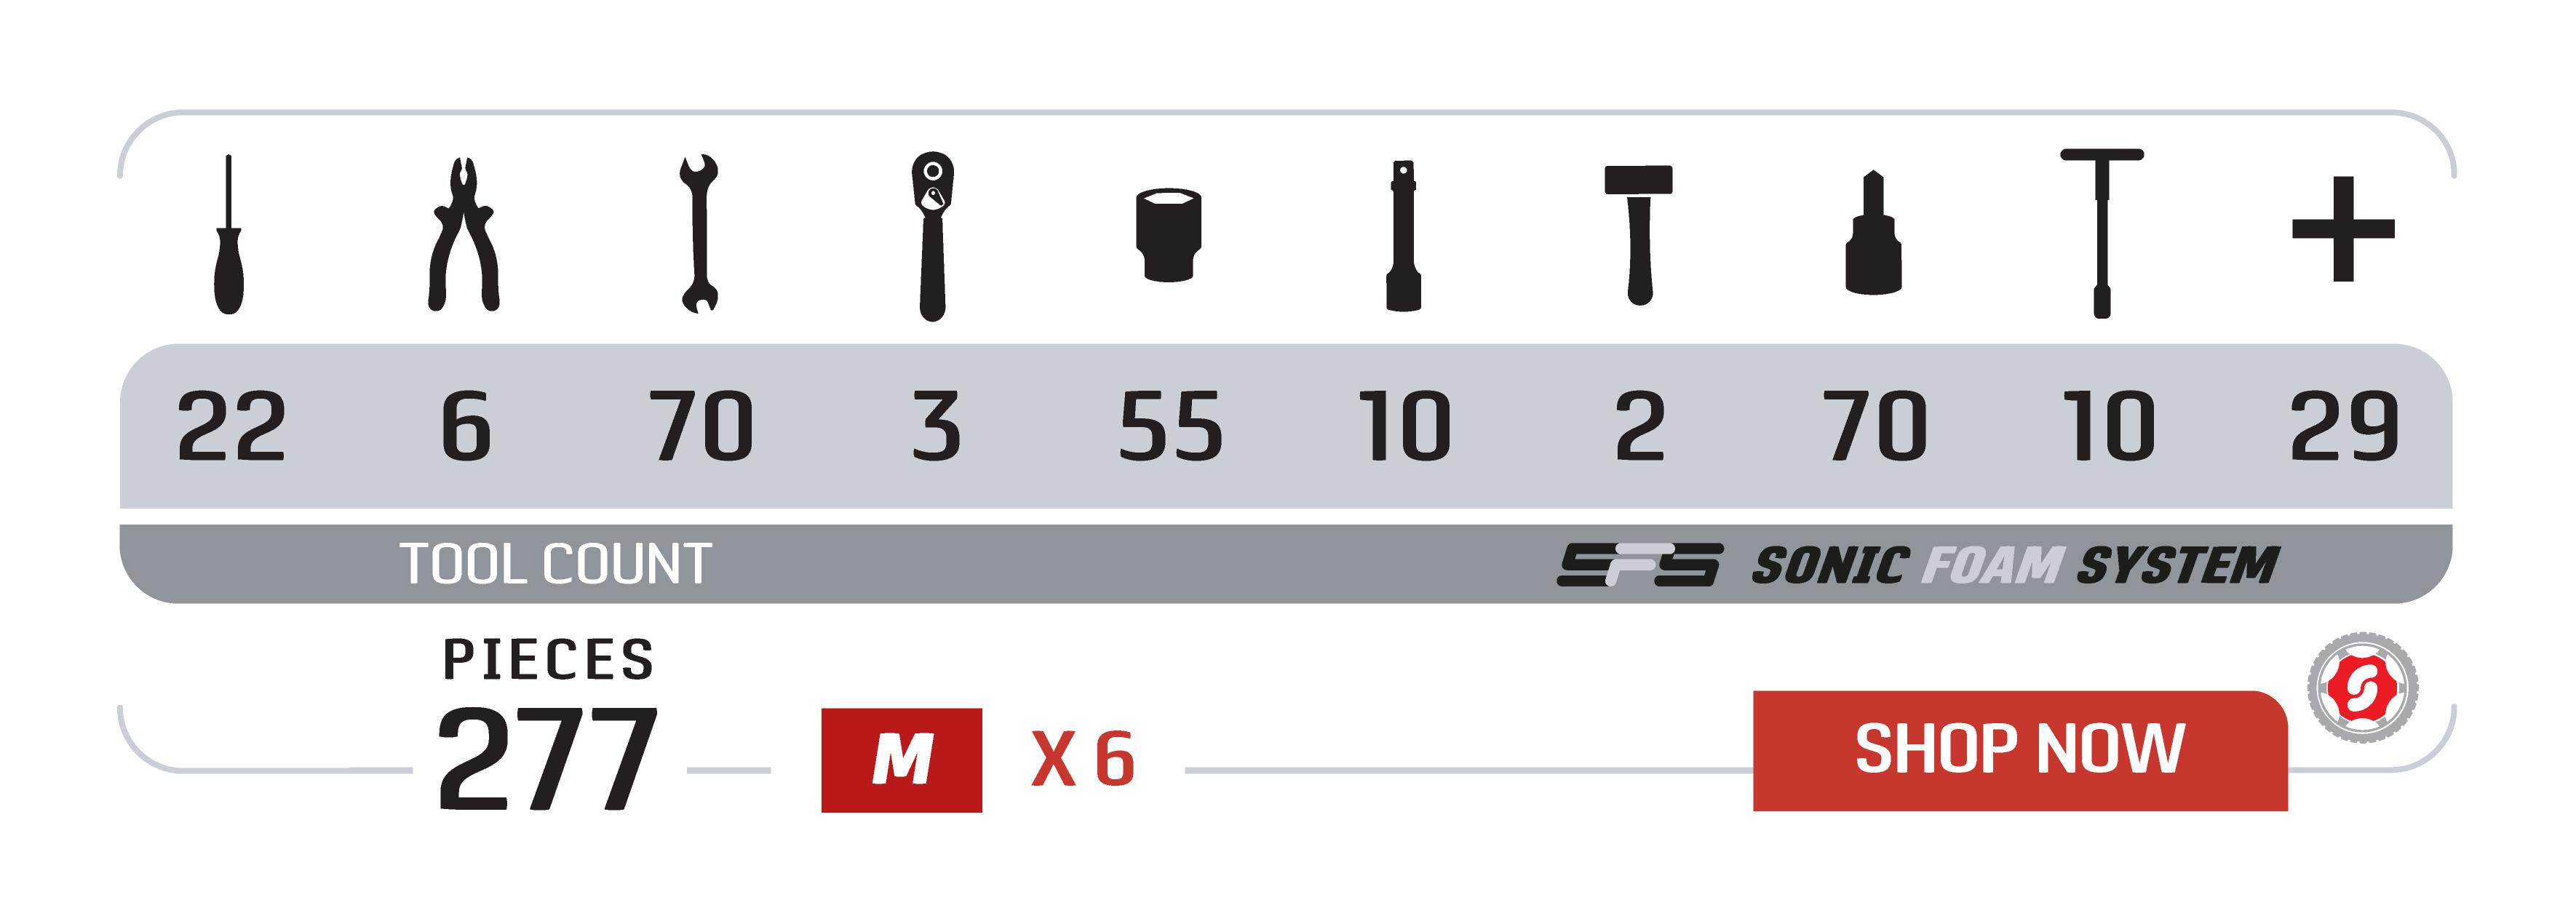 S9-277-BA-2-MX6-67.png